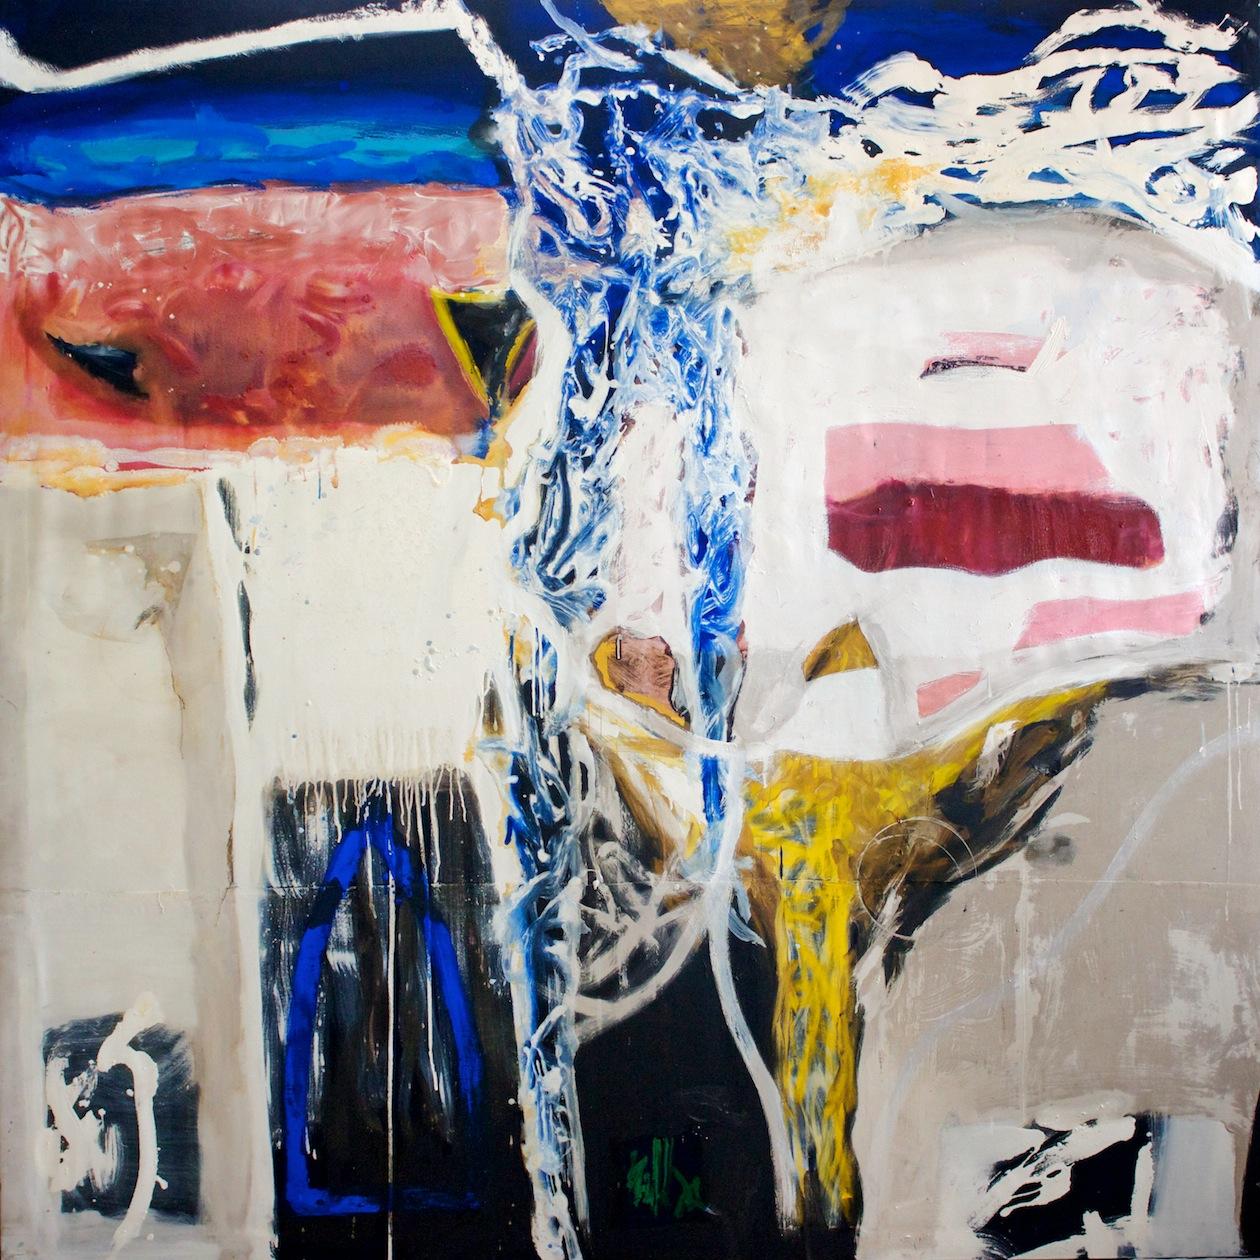 Marcello Mariani - Forma Archetipa - Oil on canvas - 2012